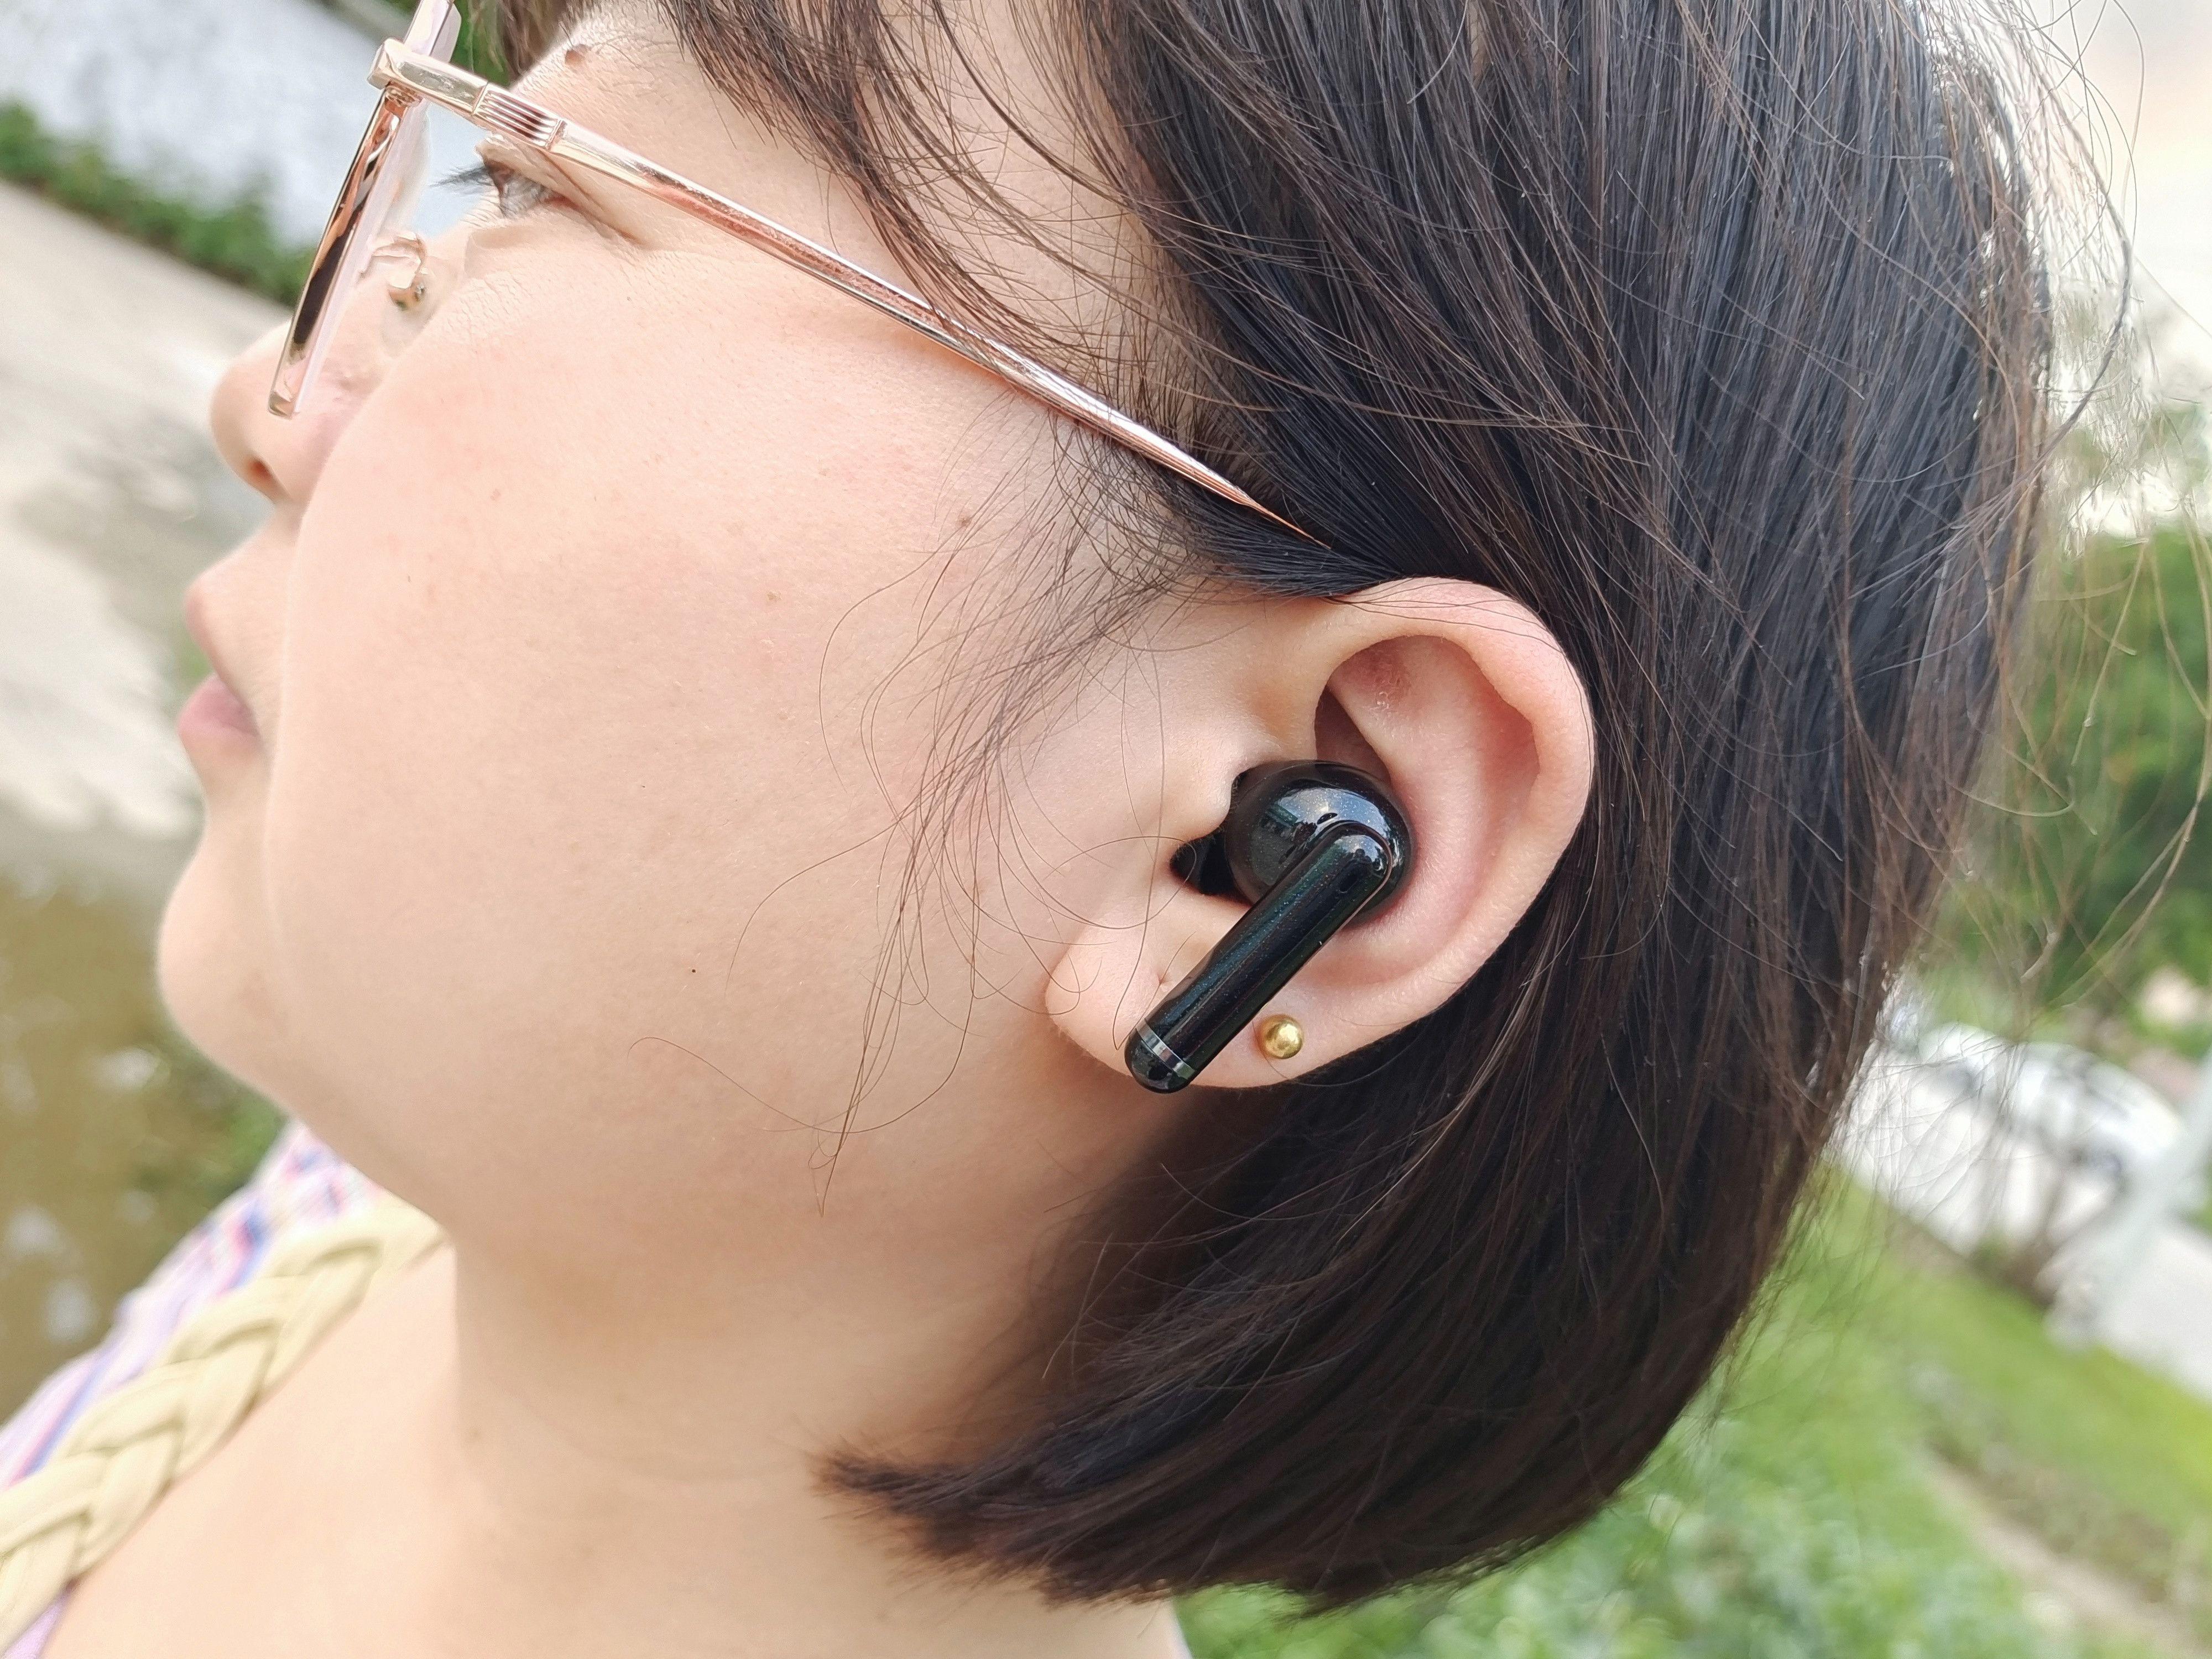 千元耳机颜值,百元性价比,QCY给国产品牌树立不错的行业标杆